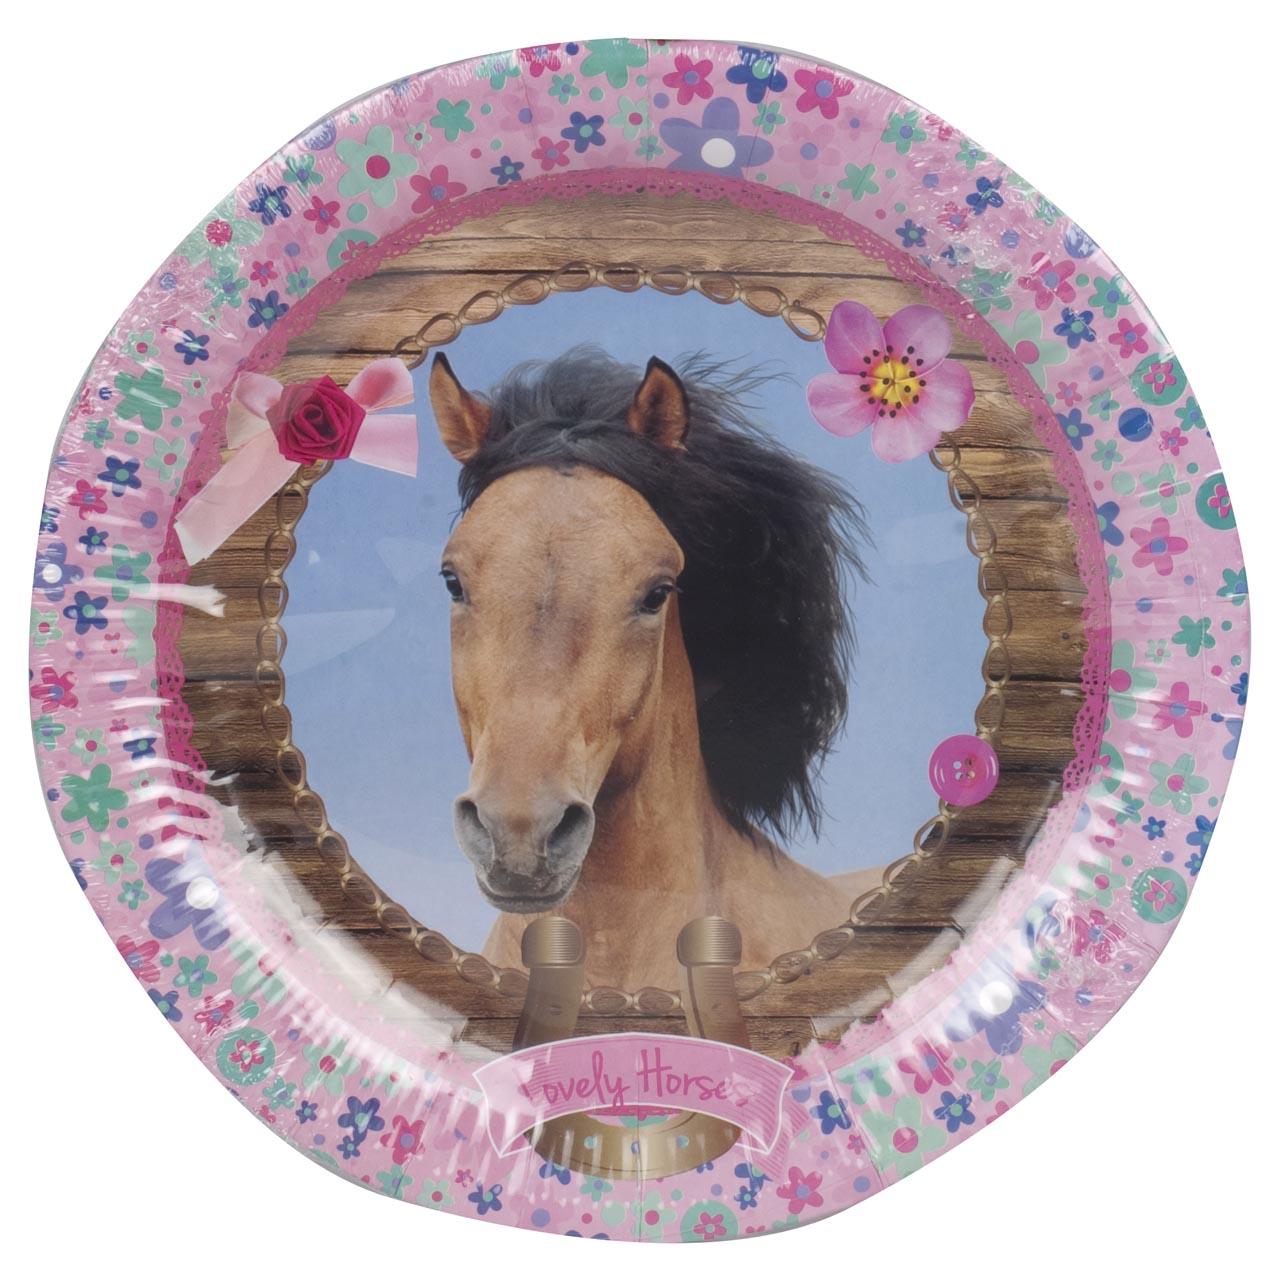 Feestbordjes Lovely Horses multi